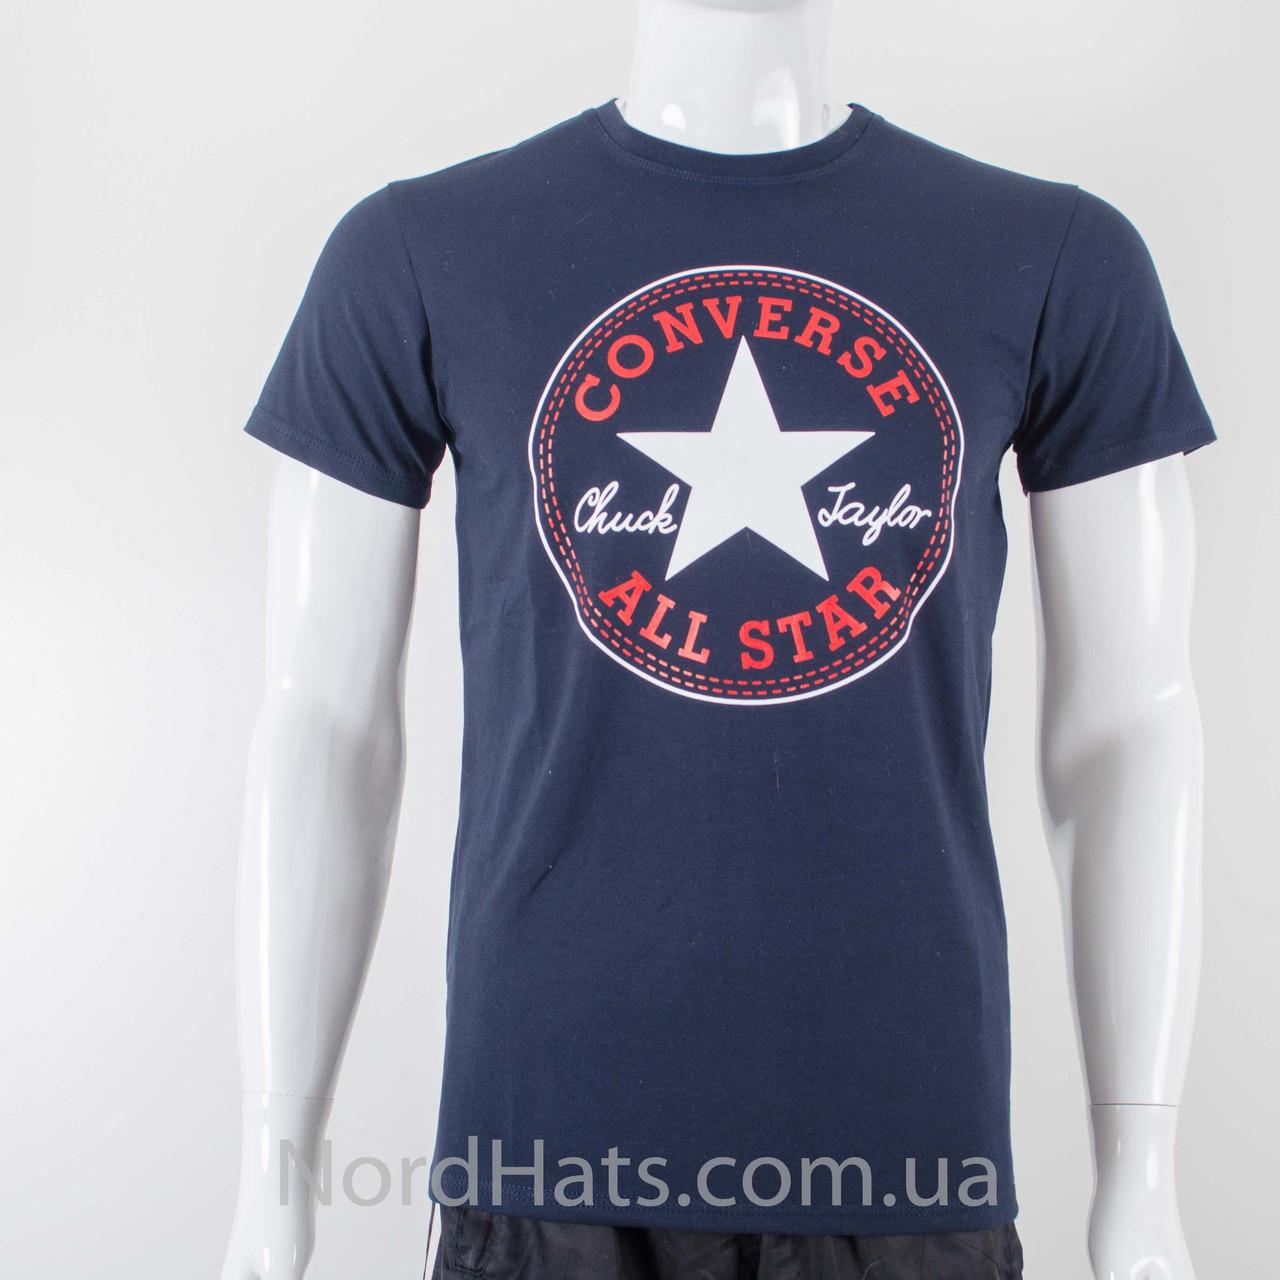 Футболка с логотипом, Converse (Темно-синий)